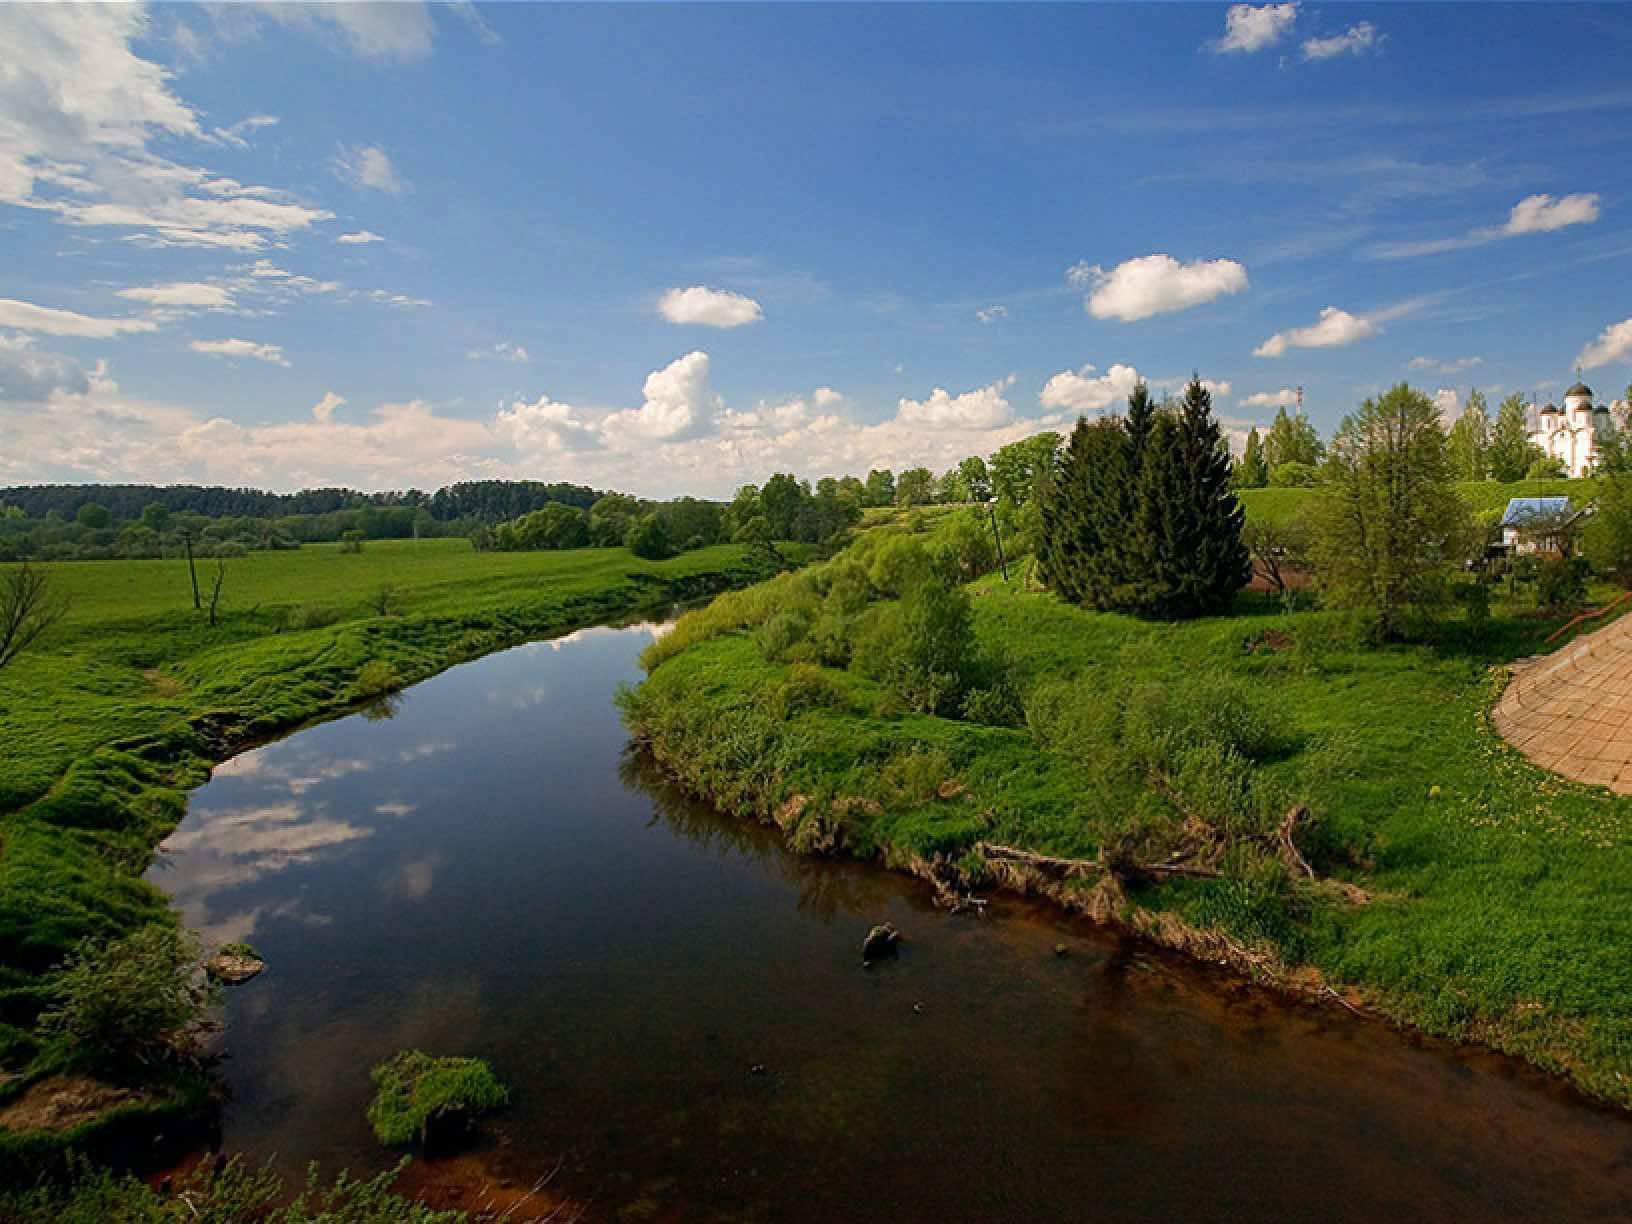 Тверская область, река медведица на карте: описание, рыбалка, сплав, отдых